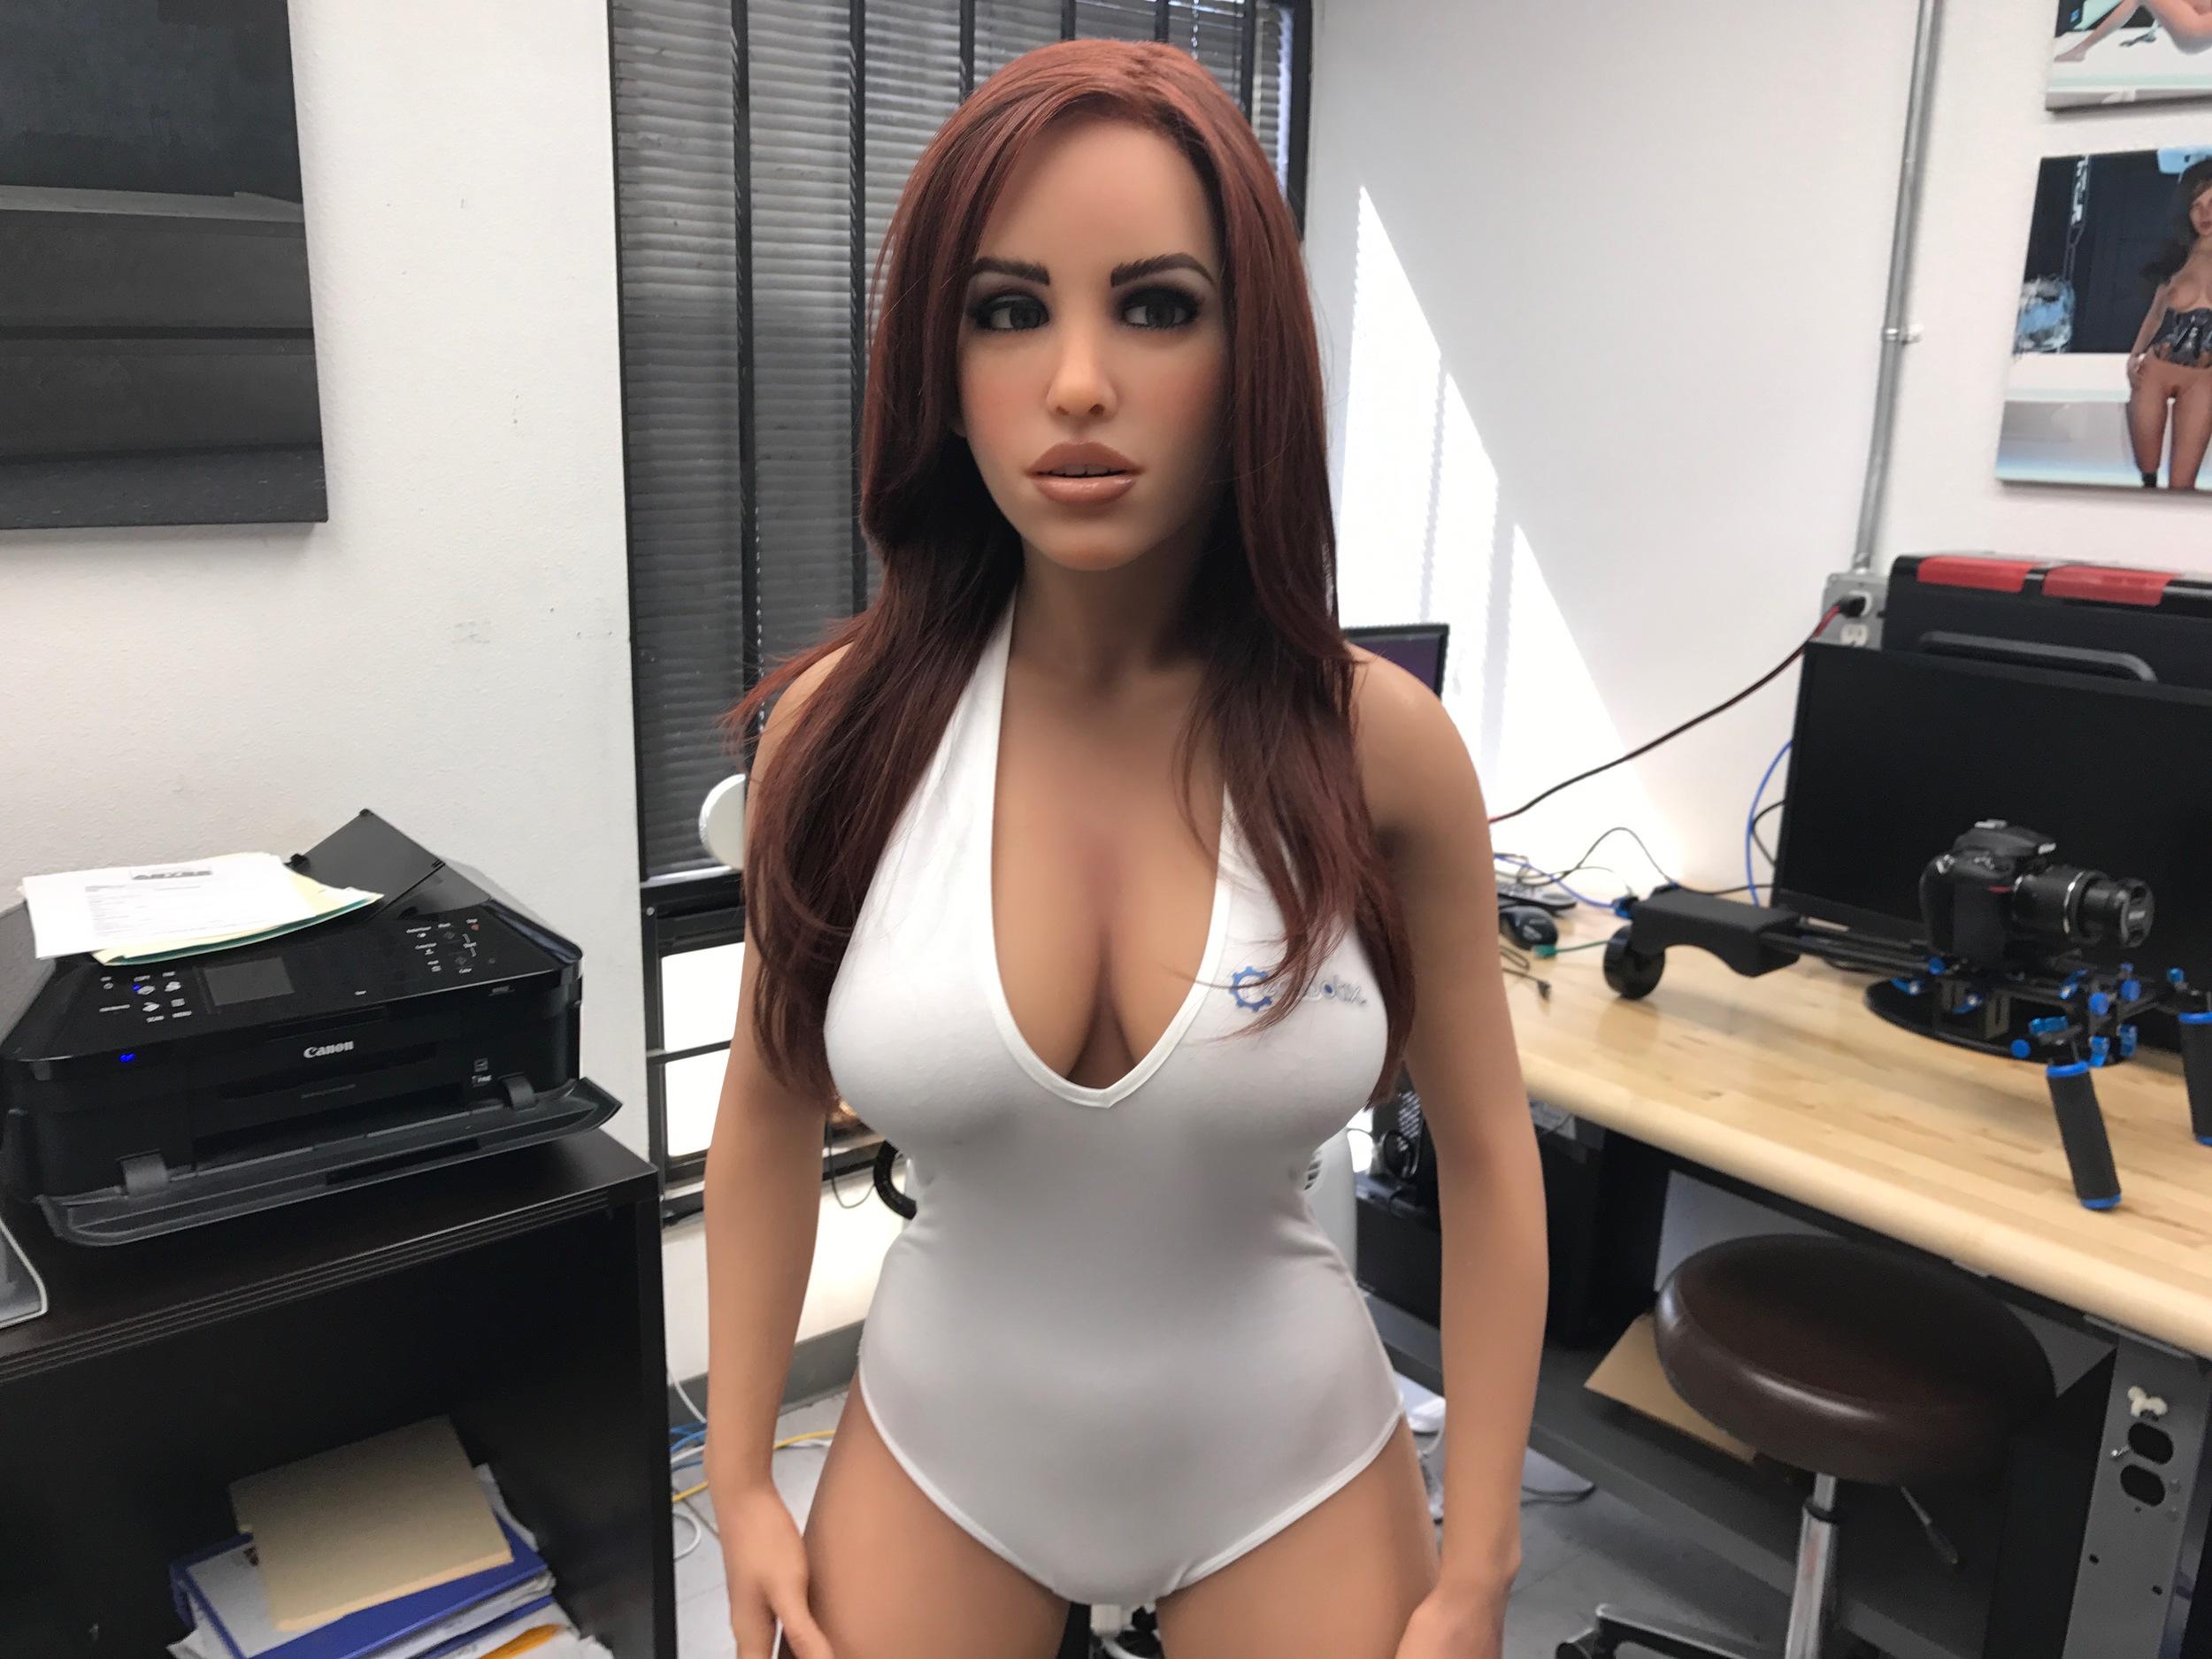 Роботите ще оставят жените без секс